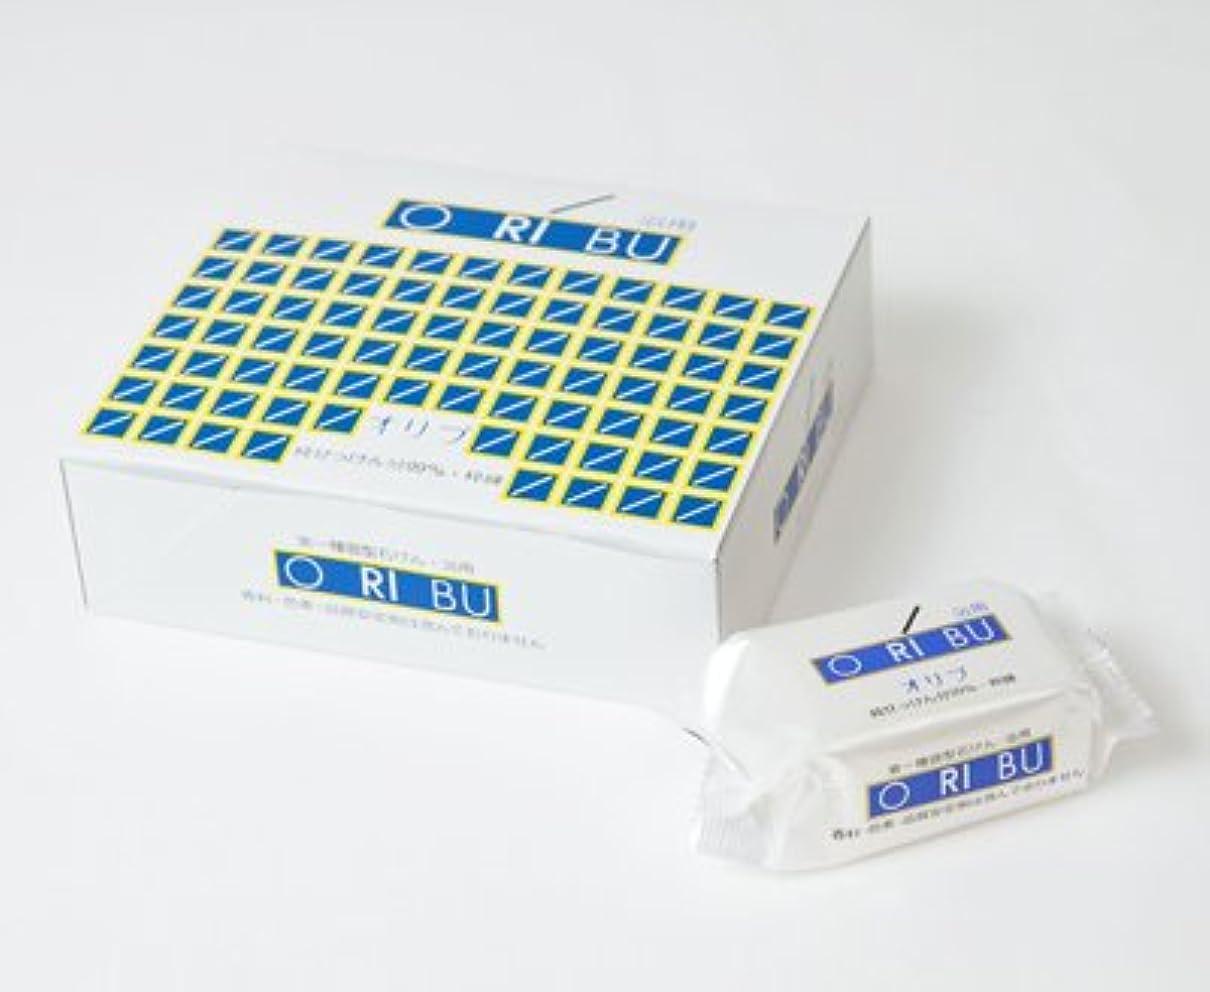 コンピューターゲームをプレイする鳥他の場所暁石鹸 ORIBU オリブ浴用石けん 1箱 (110g×10個入) 泡立てネット付き